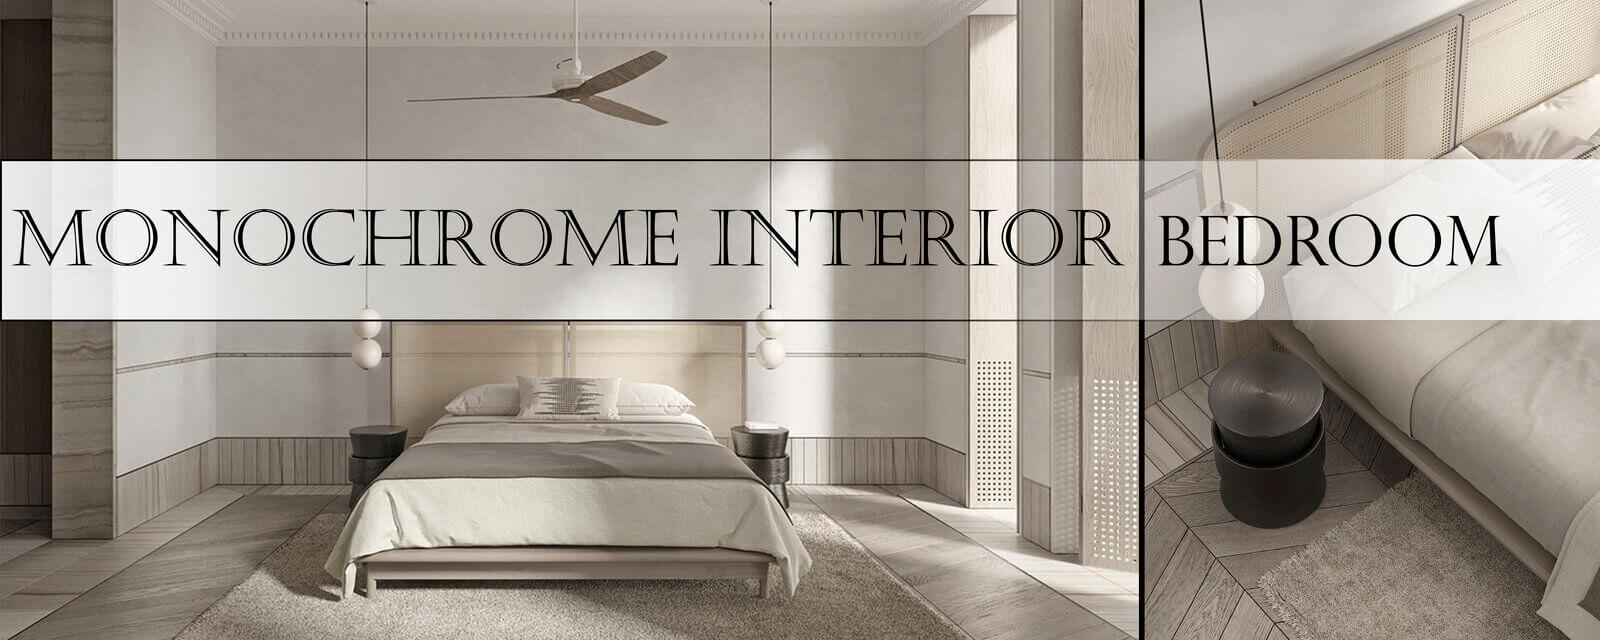 Monochrome Interior | Bedroom